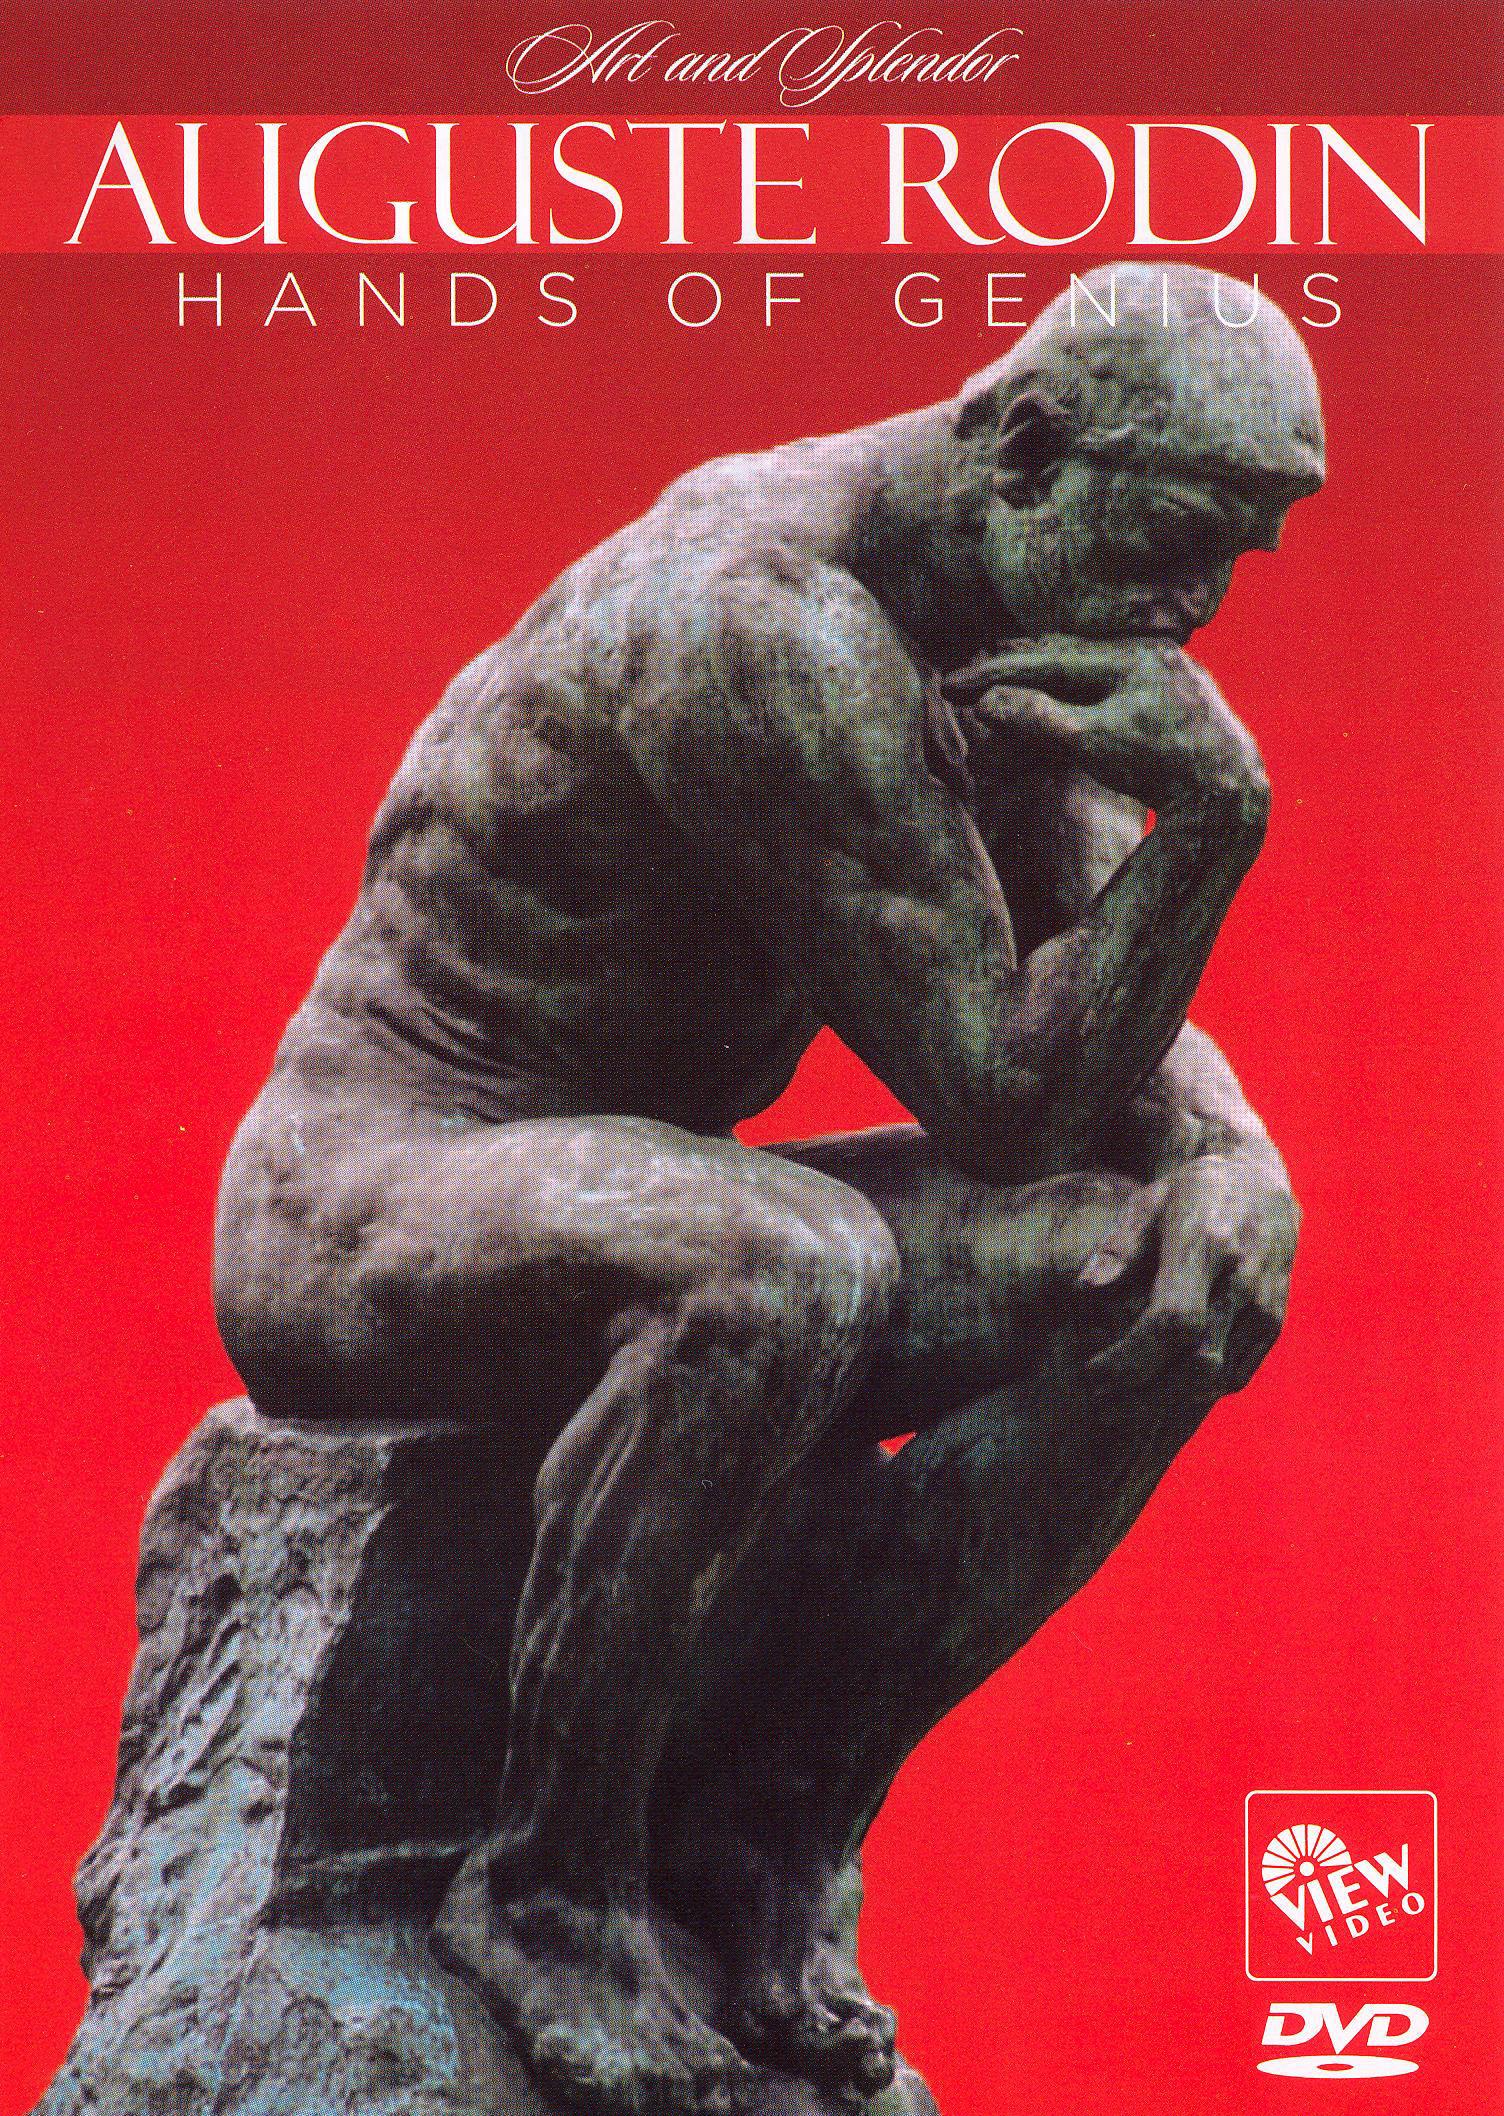 Auguste Rodin: Hands of Genius